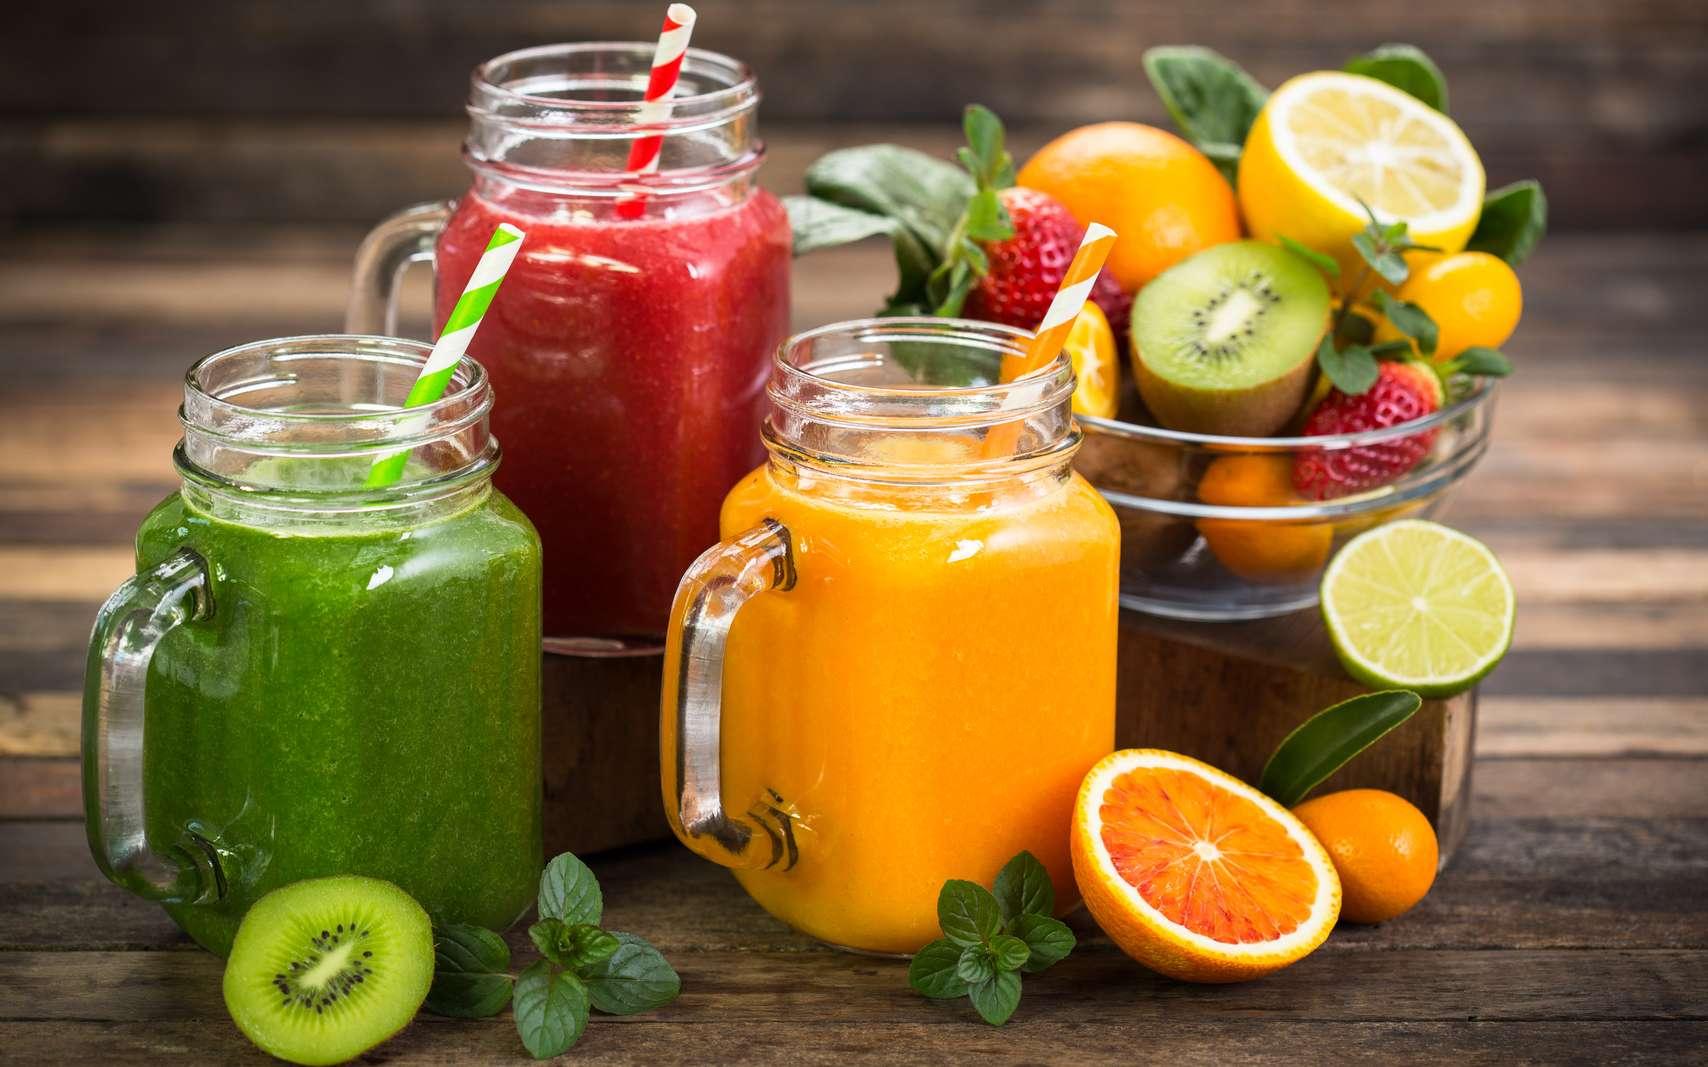 fafa4b665d_114351_smoothies-fruits-legumes-sante - Moving Tahiti